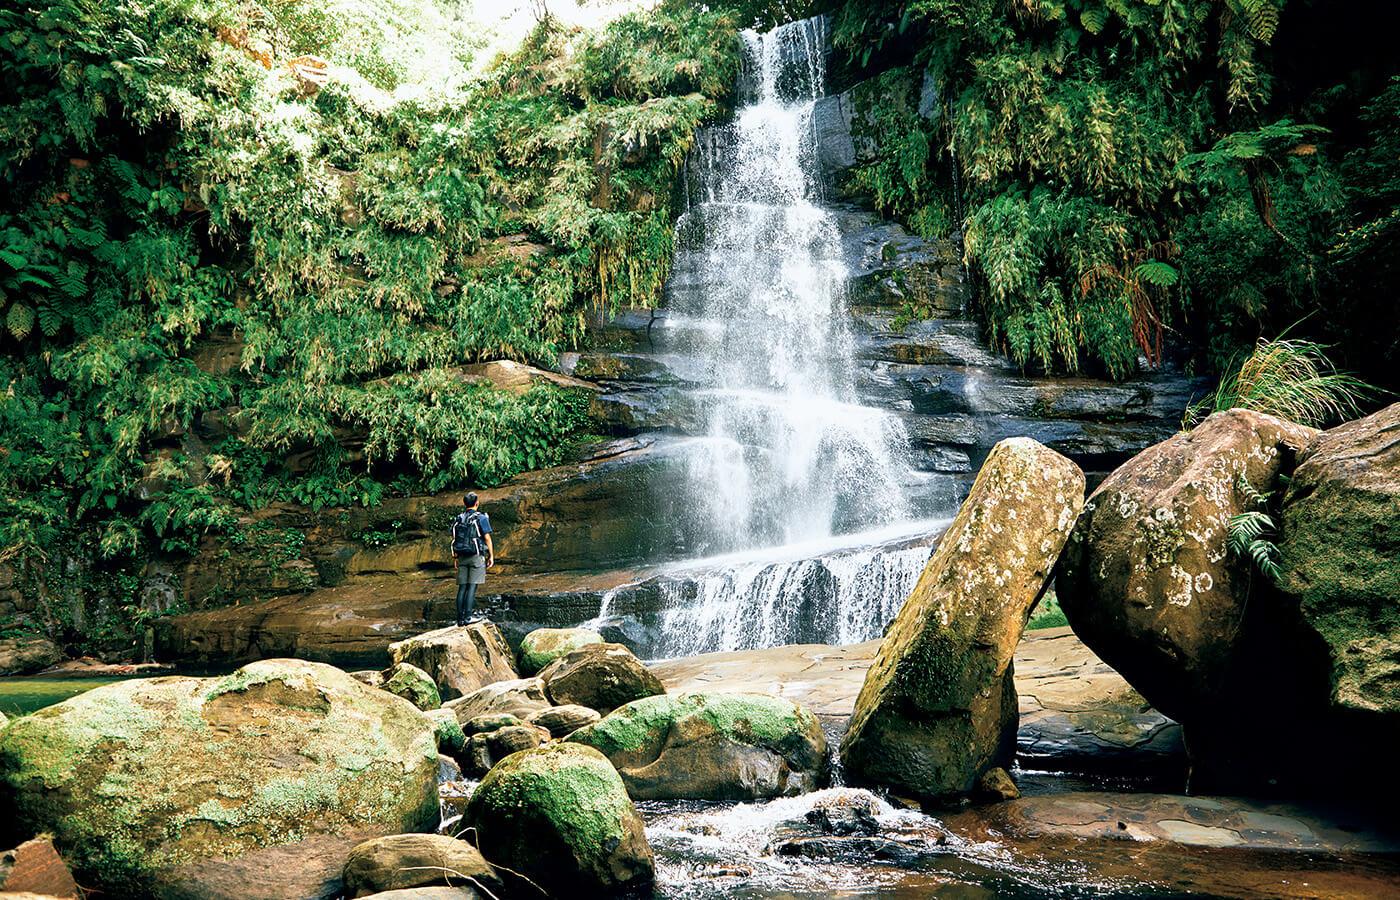 大自然のテーマパーク、西表島の秘境の一つ、ナーラの滝。階段状に水が流れ落ちる雄姿と広くて深い滝壺は「幻の滝」ともいわれる。ジャングルトレッキングとマングローブカヤックで行くガイド付きツアーに参加を。